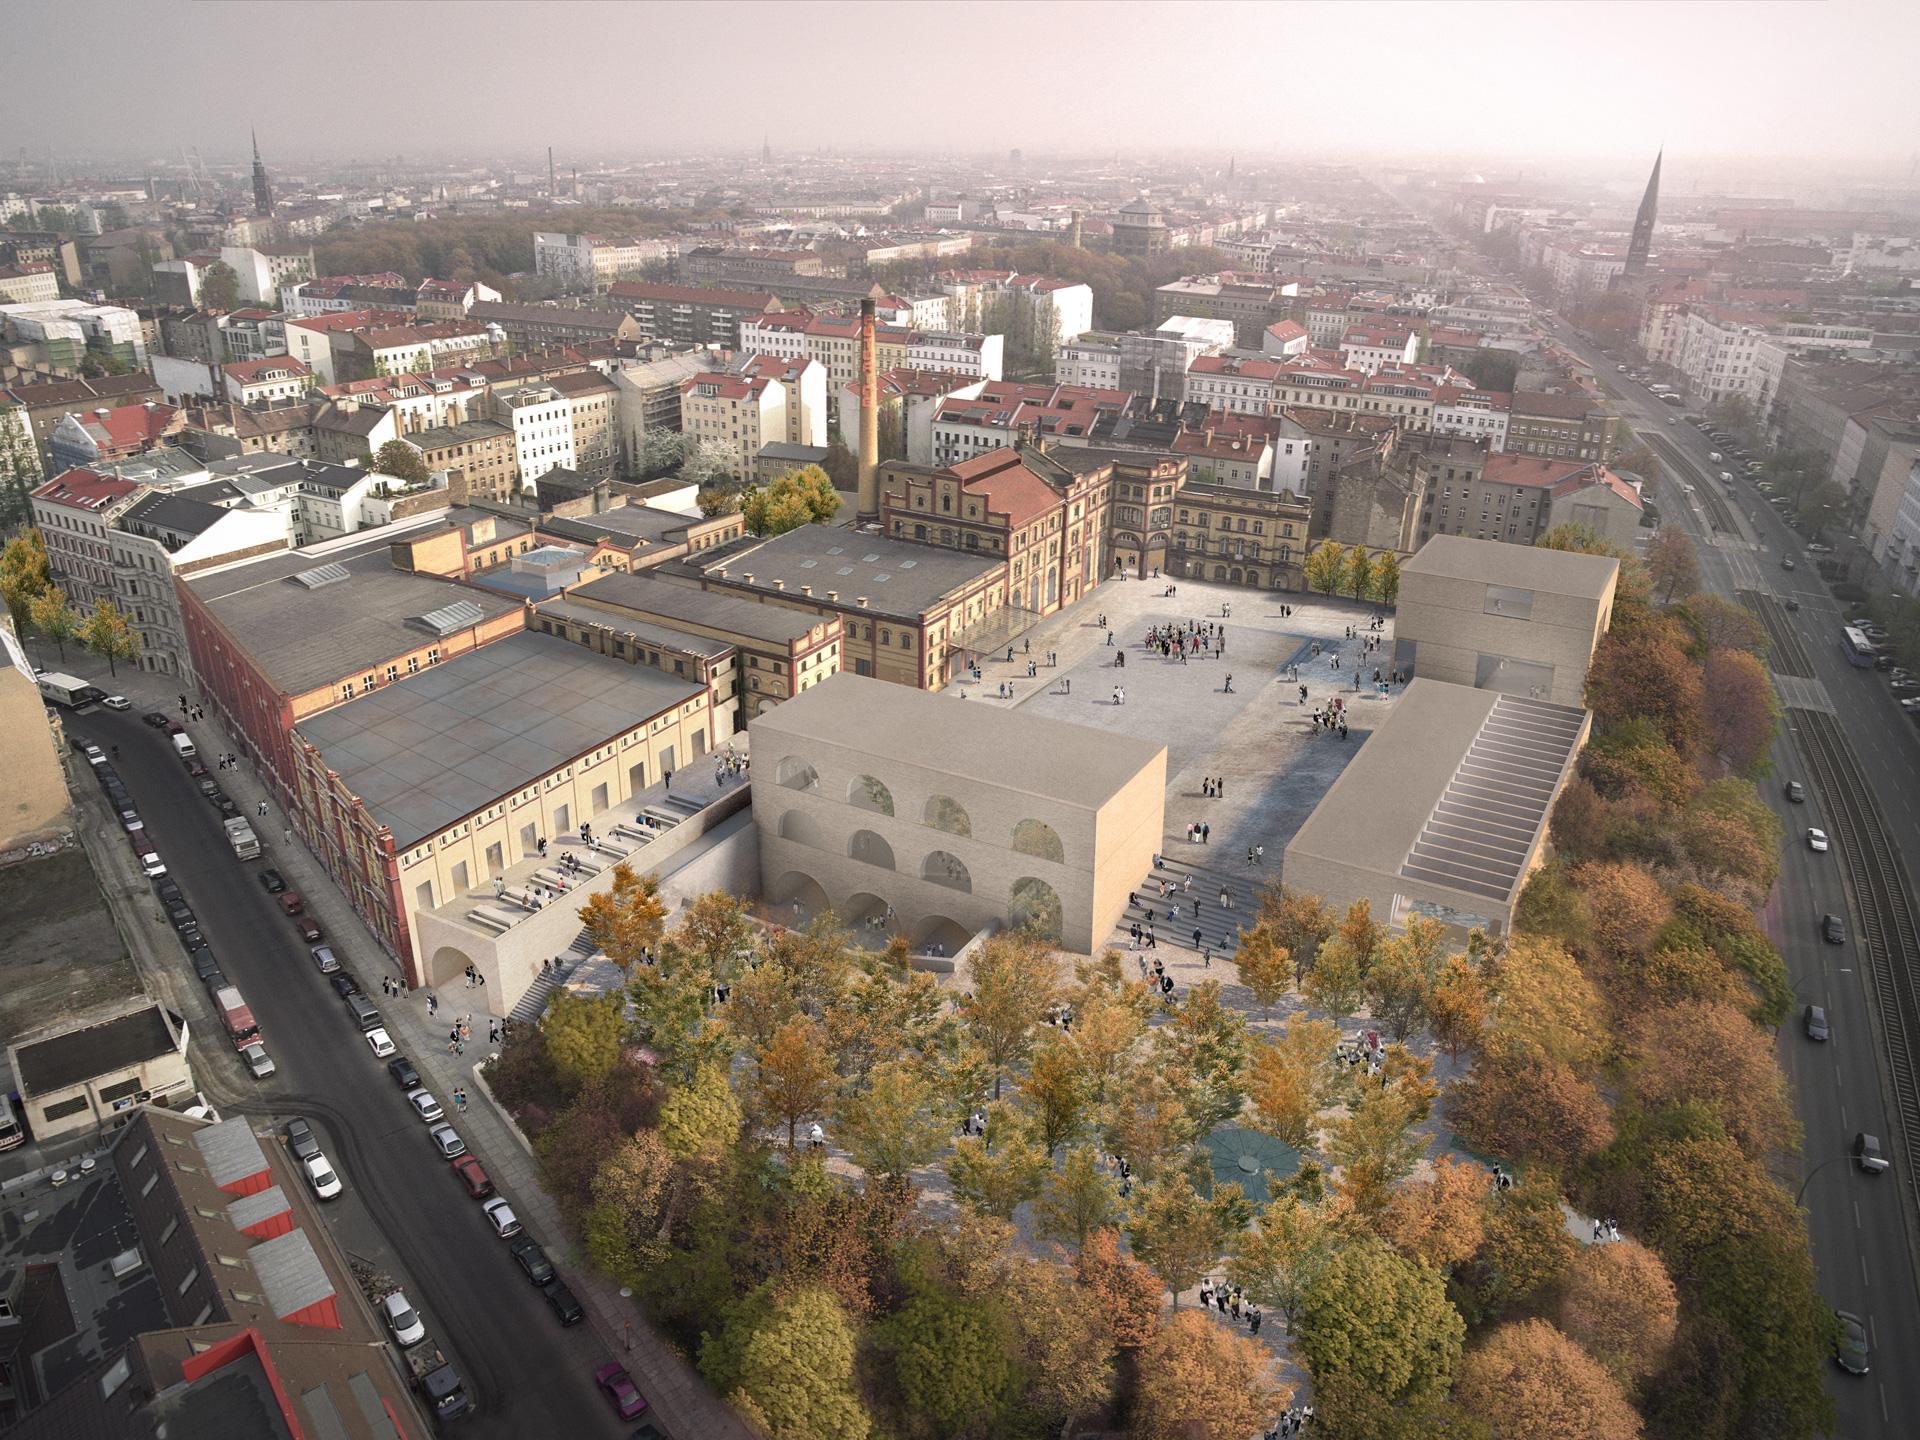 Sichtestrich Berlin suchergebnisse gtf freese gruppe fussbodentechnik